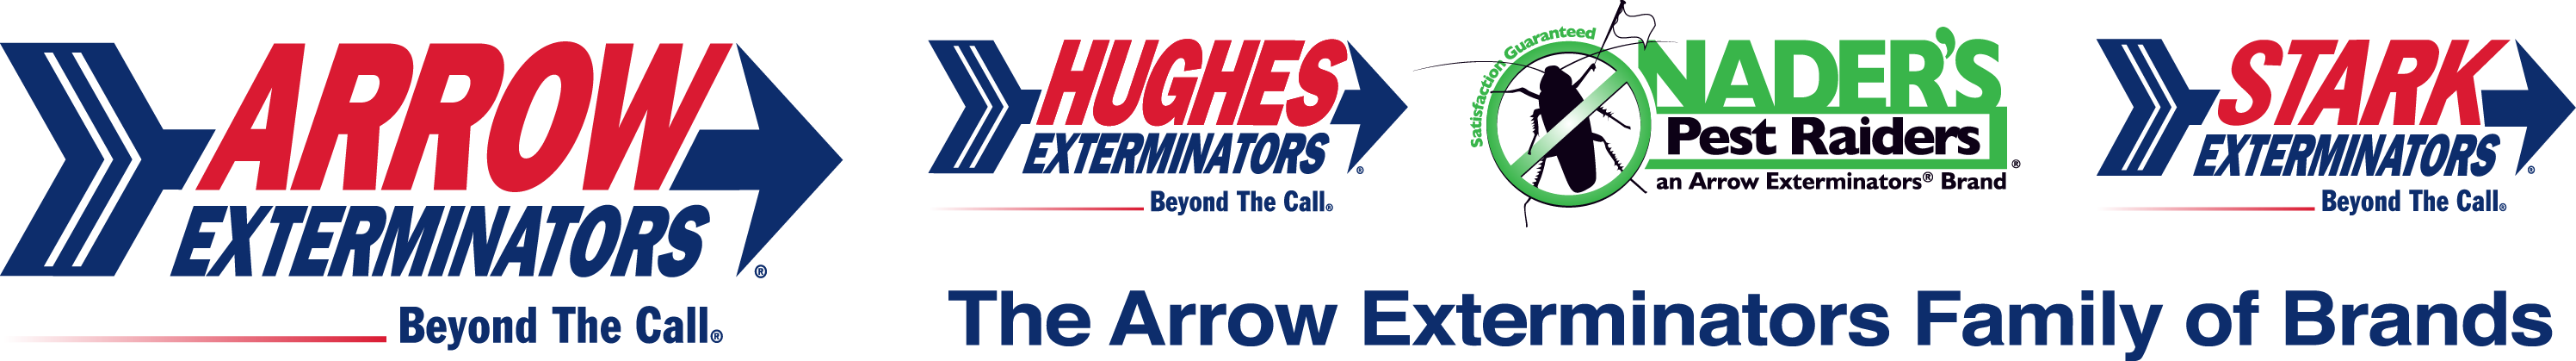 Pest Control Jobs Find A Career At Arrow Exterminators